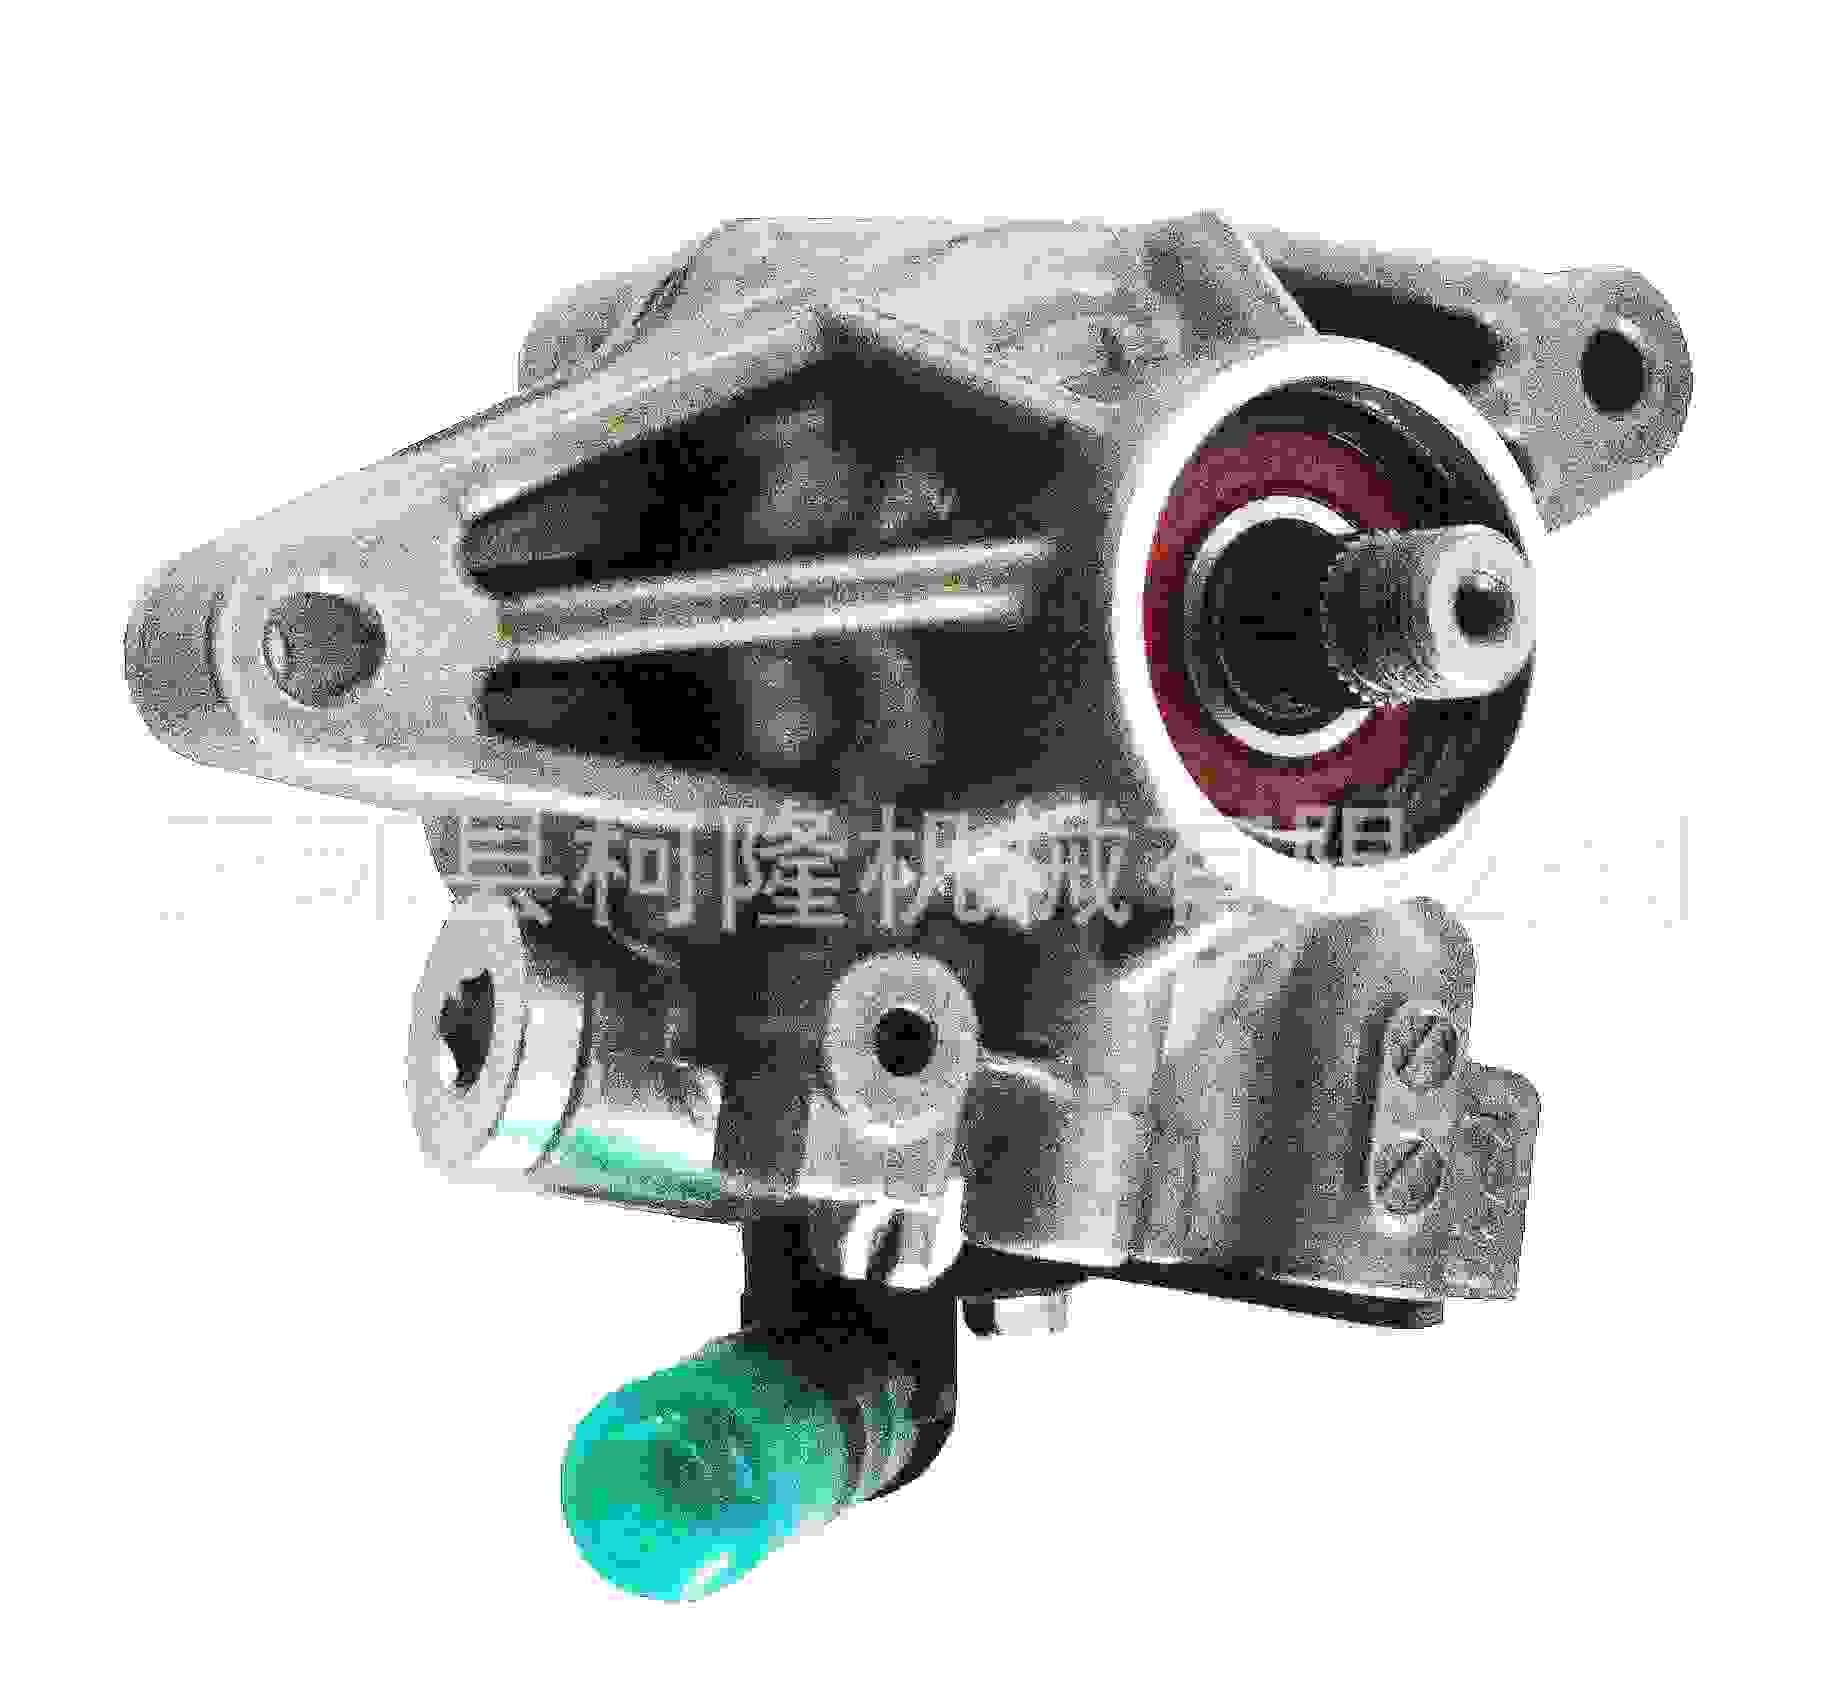 台州市企业名录 玉环县柯隆机械有限公司 产品供应 > 转向助力泵29图片